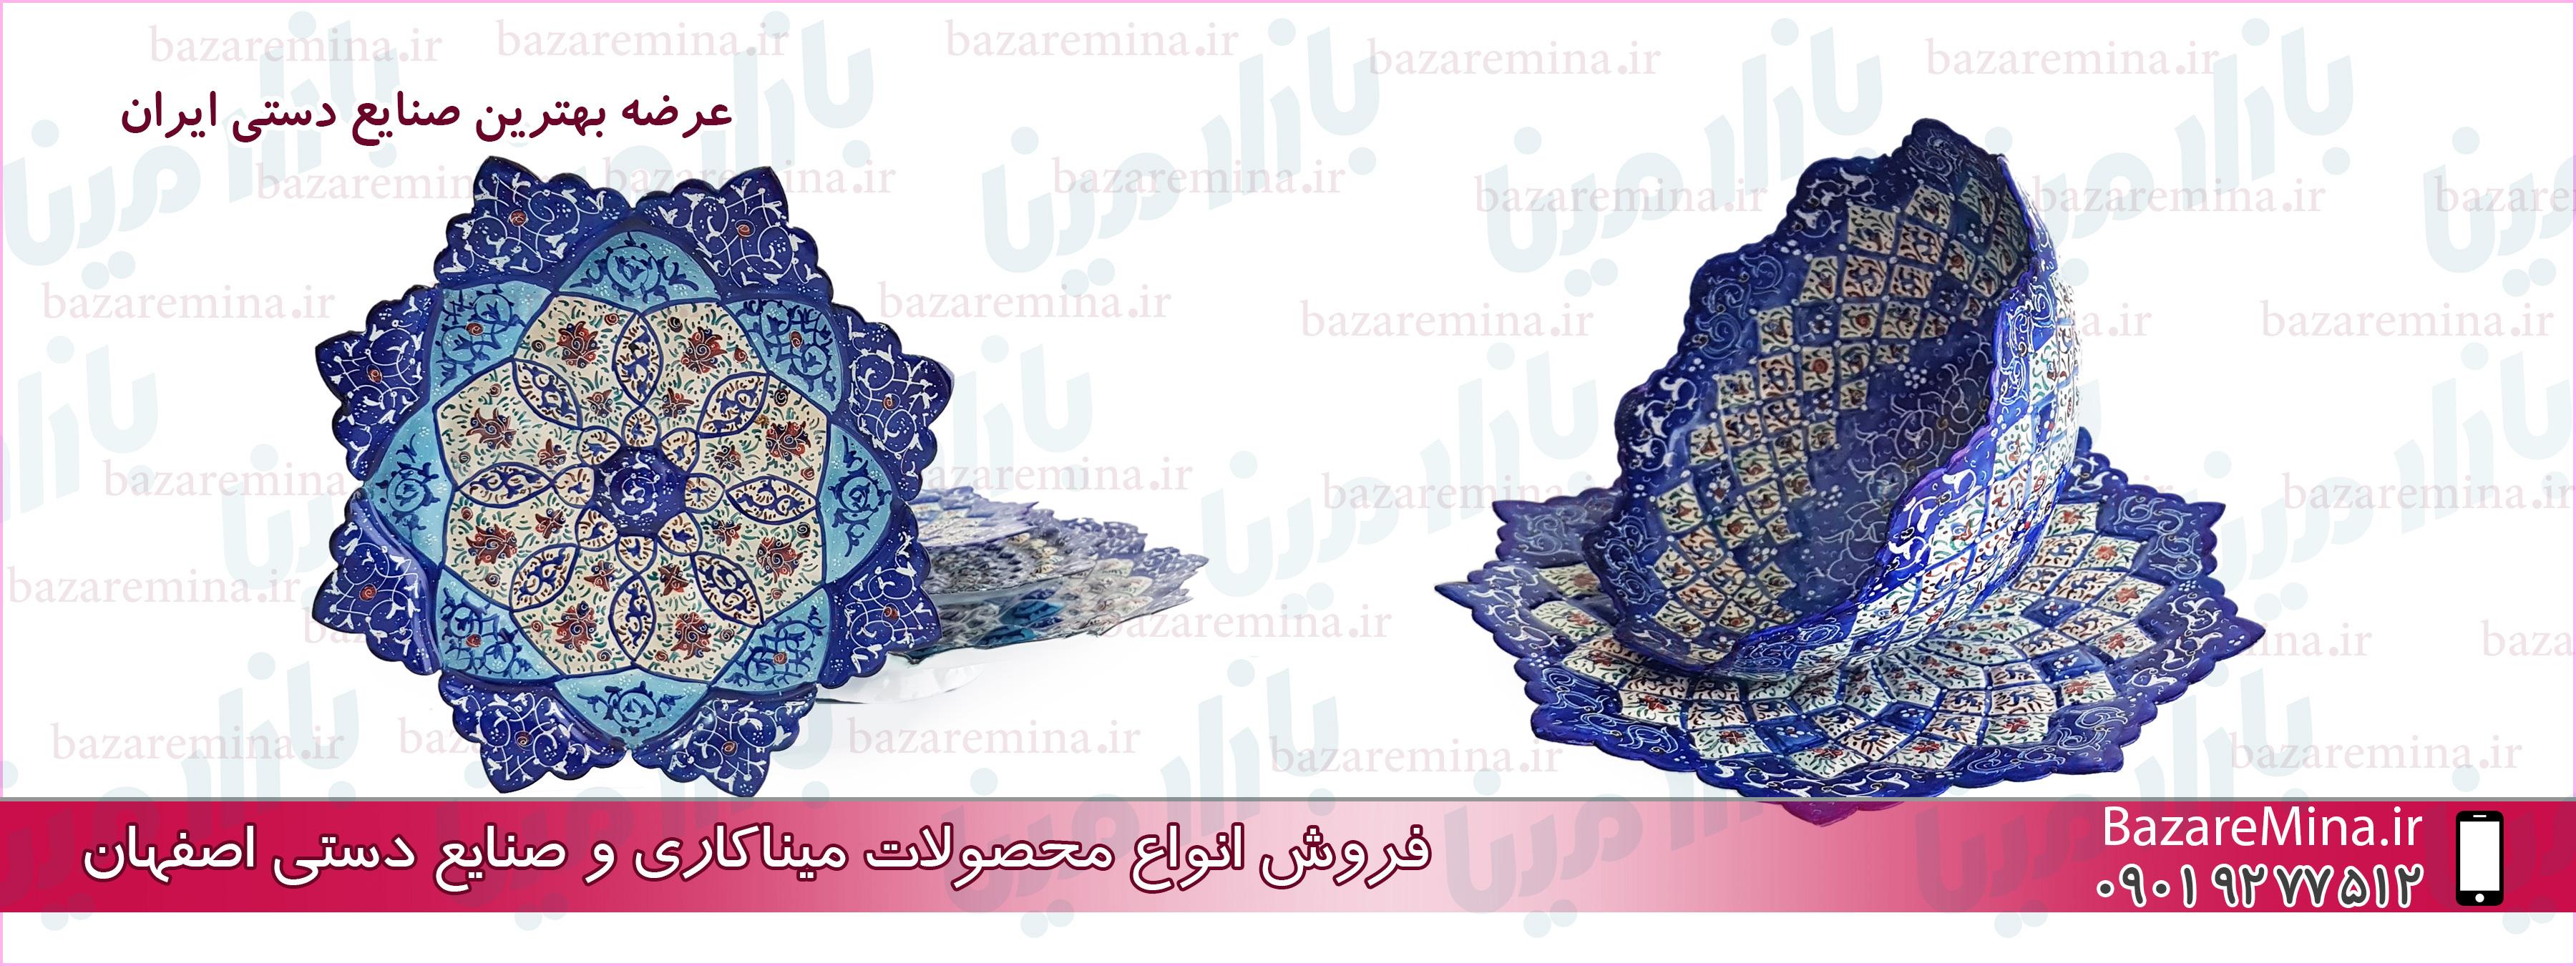 میناکاری ایران اصفهان